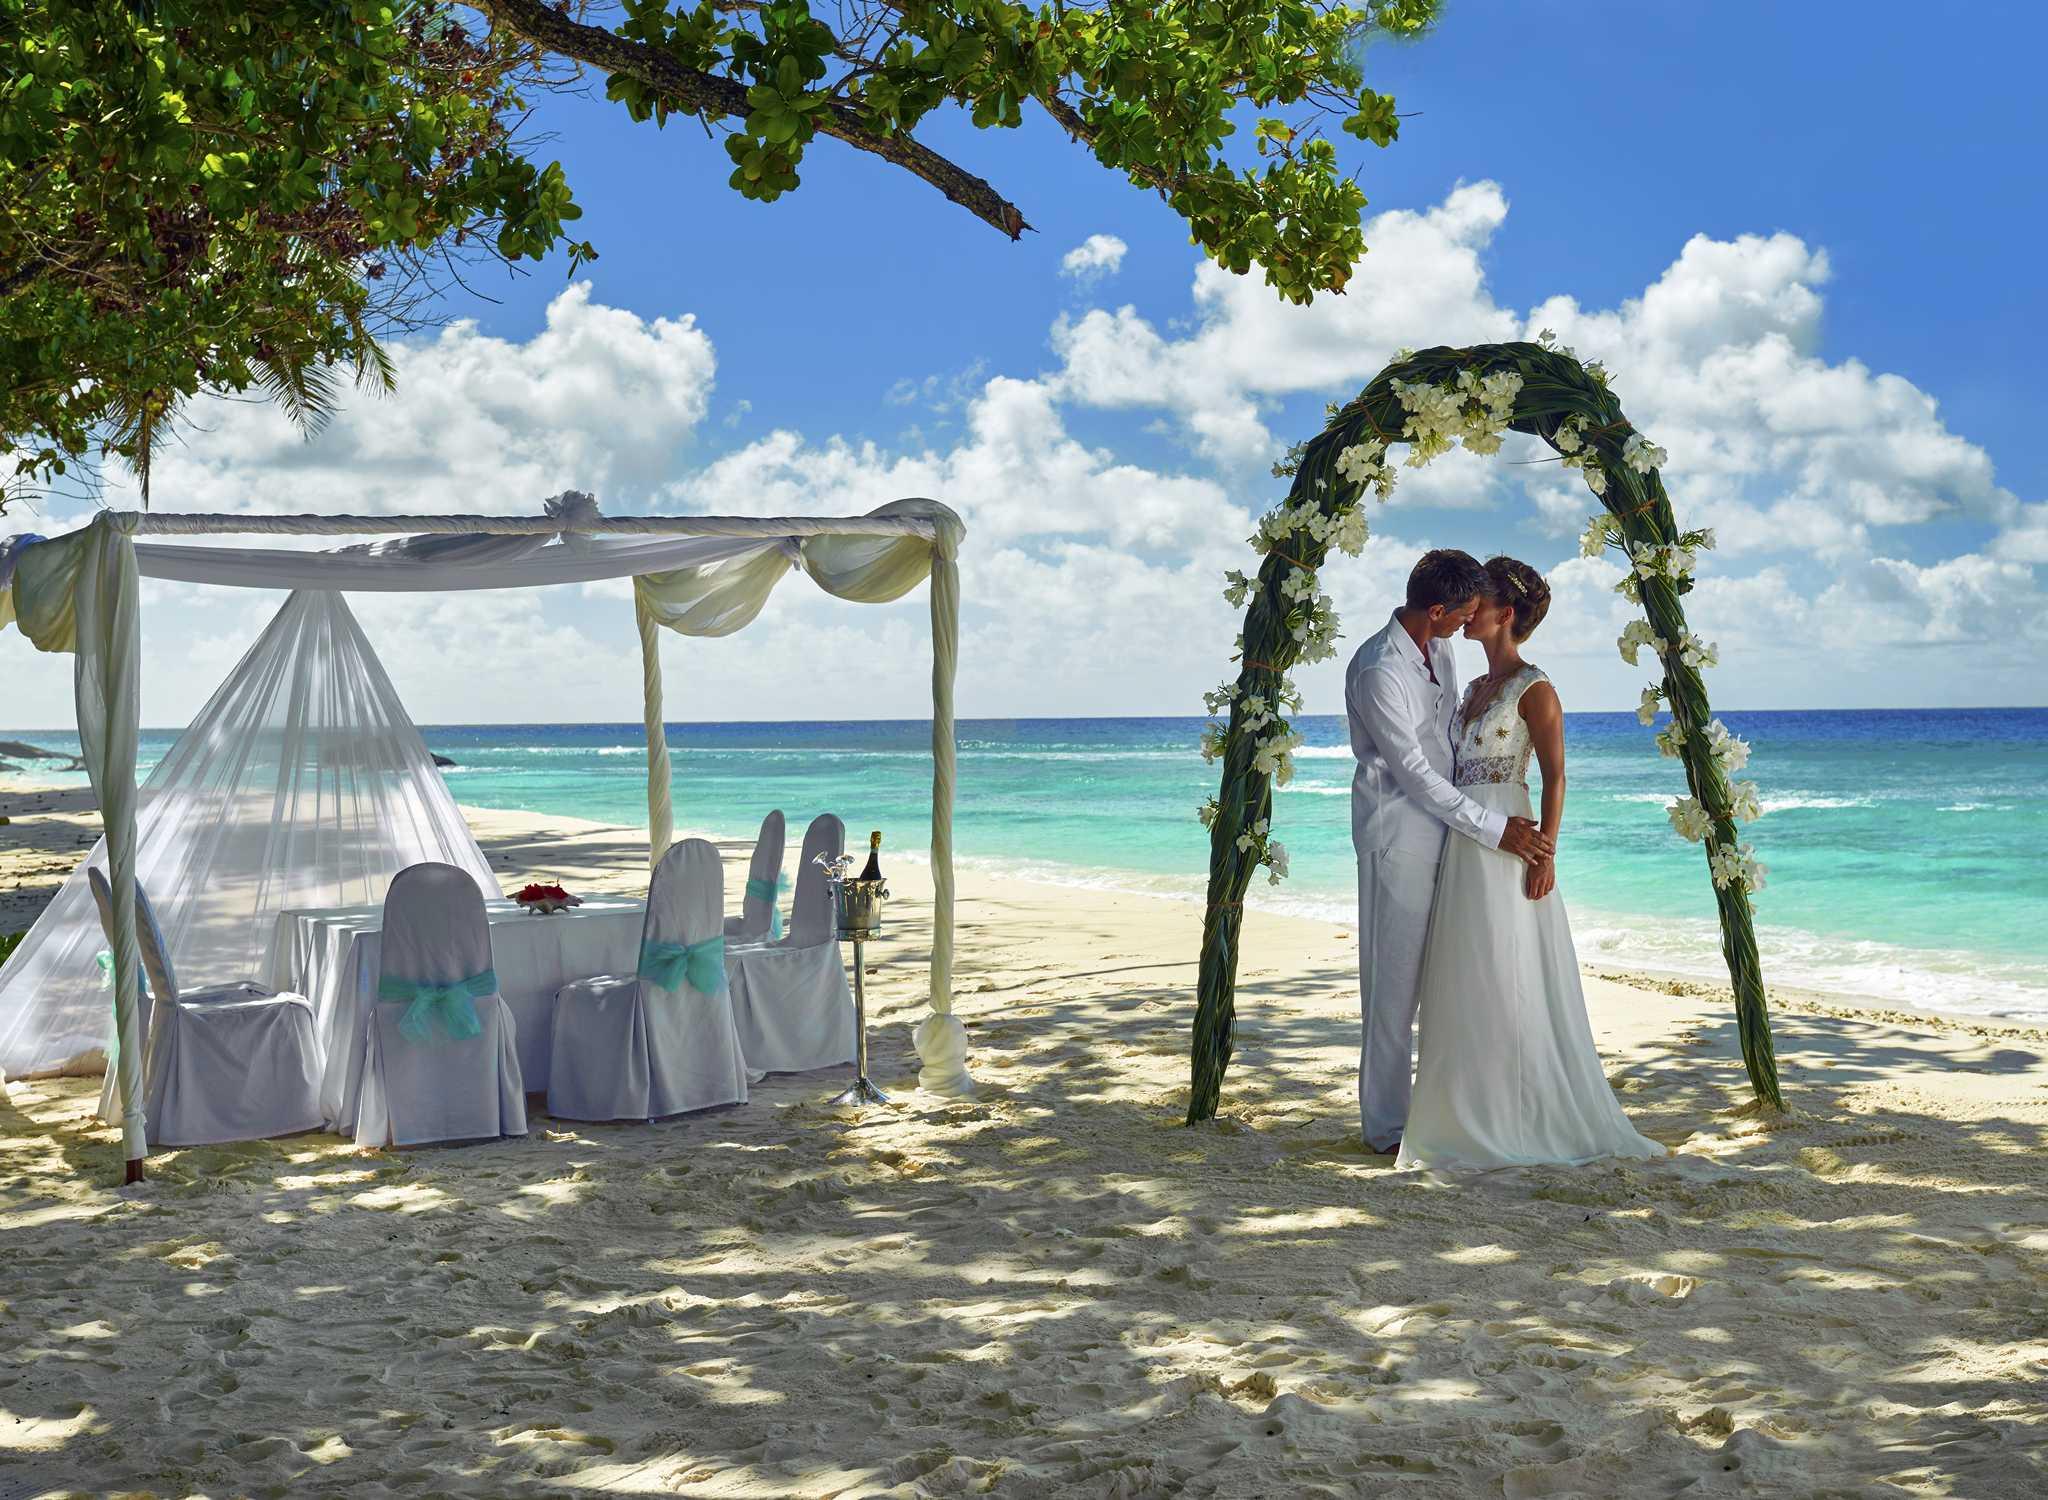 Hilton Seychelles Labriz Resort  Spa  Hotels auf den Seychellen